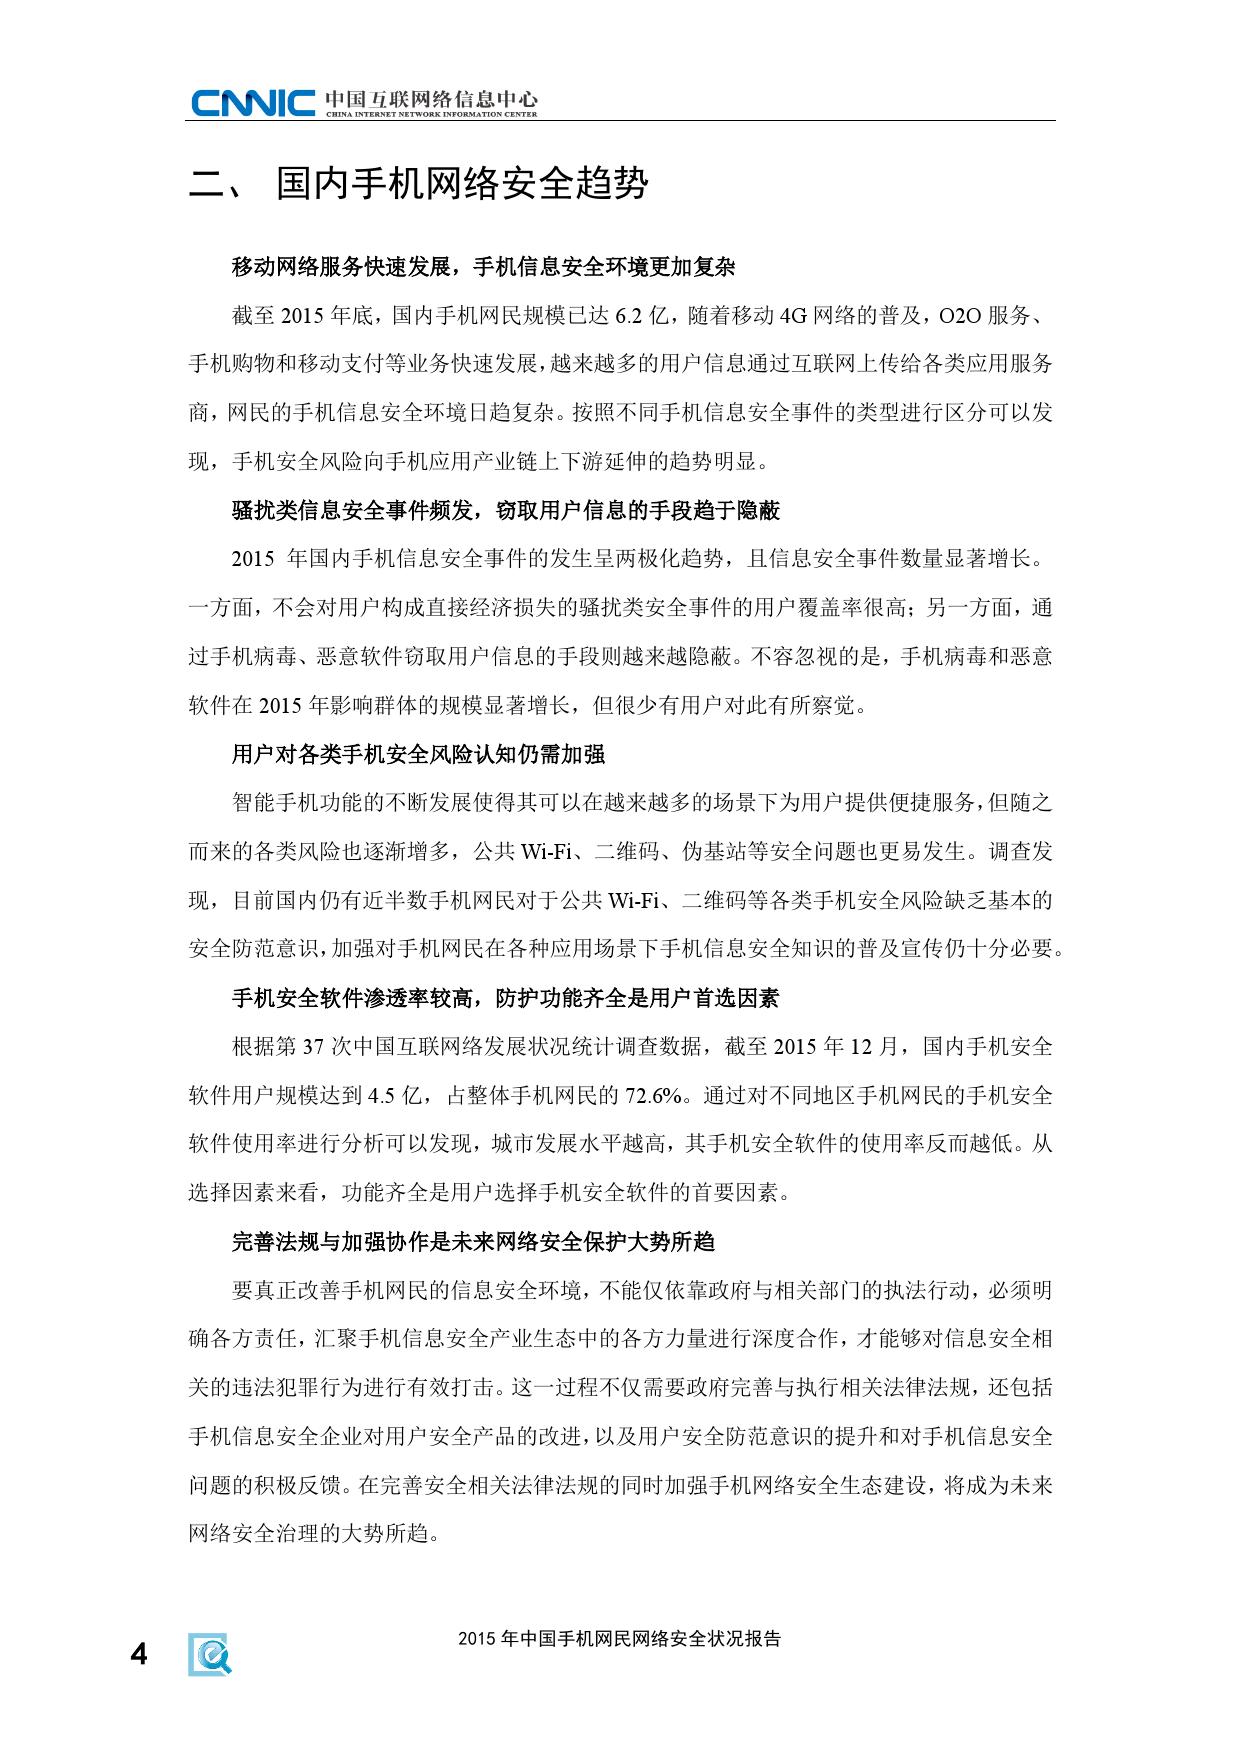 2015年中国手机网民网络安全状况报告_000010